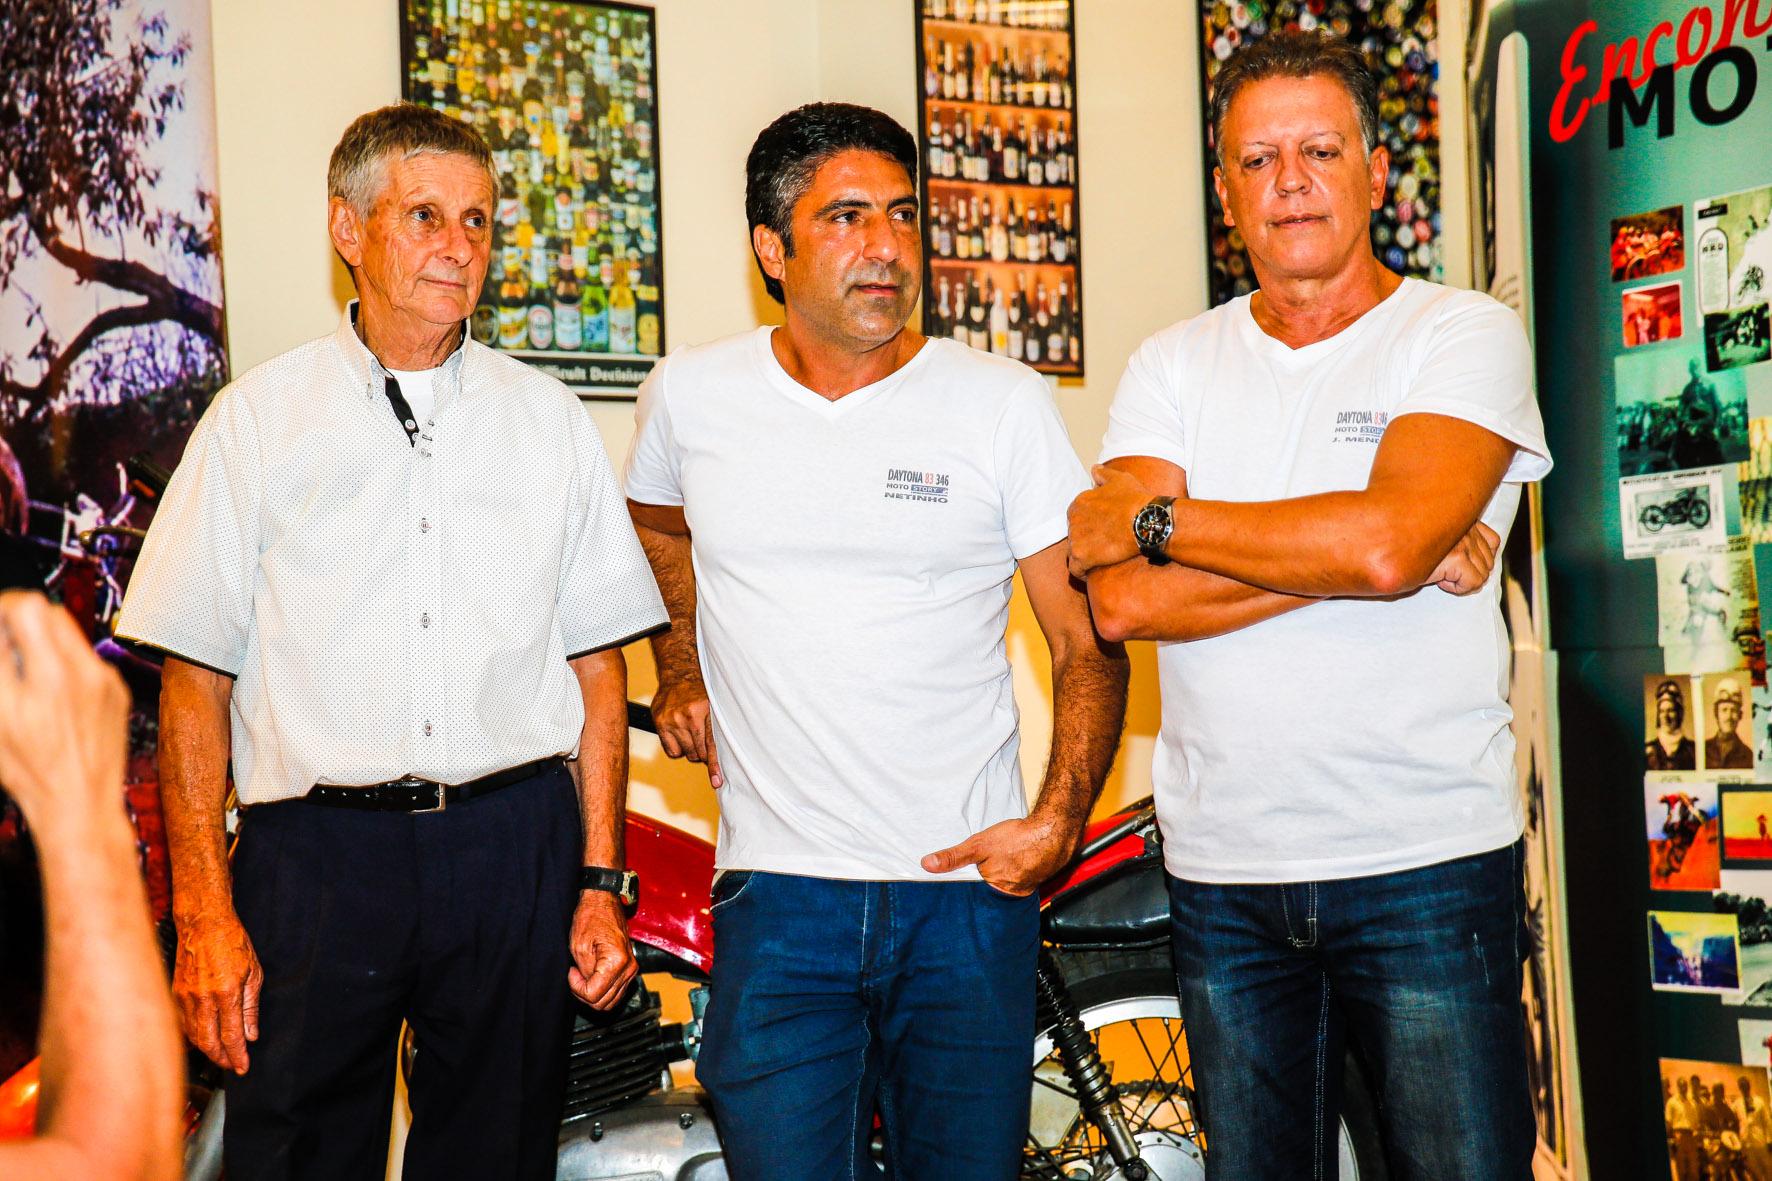 04/02/2015 - 1o Encontro Motostory: Daytona 83 349 - Jacinto Sarachú, Netinho, João Mendes - Foto: Haroldo Nogueira / Motostory